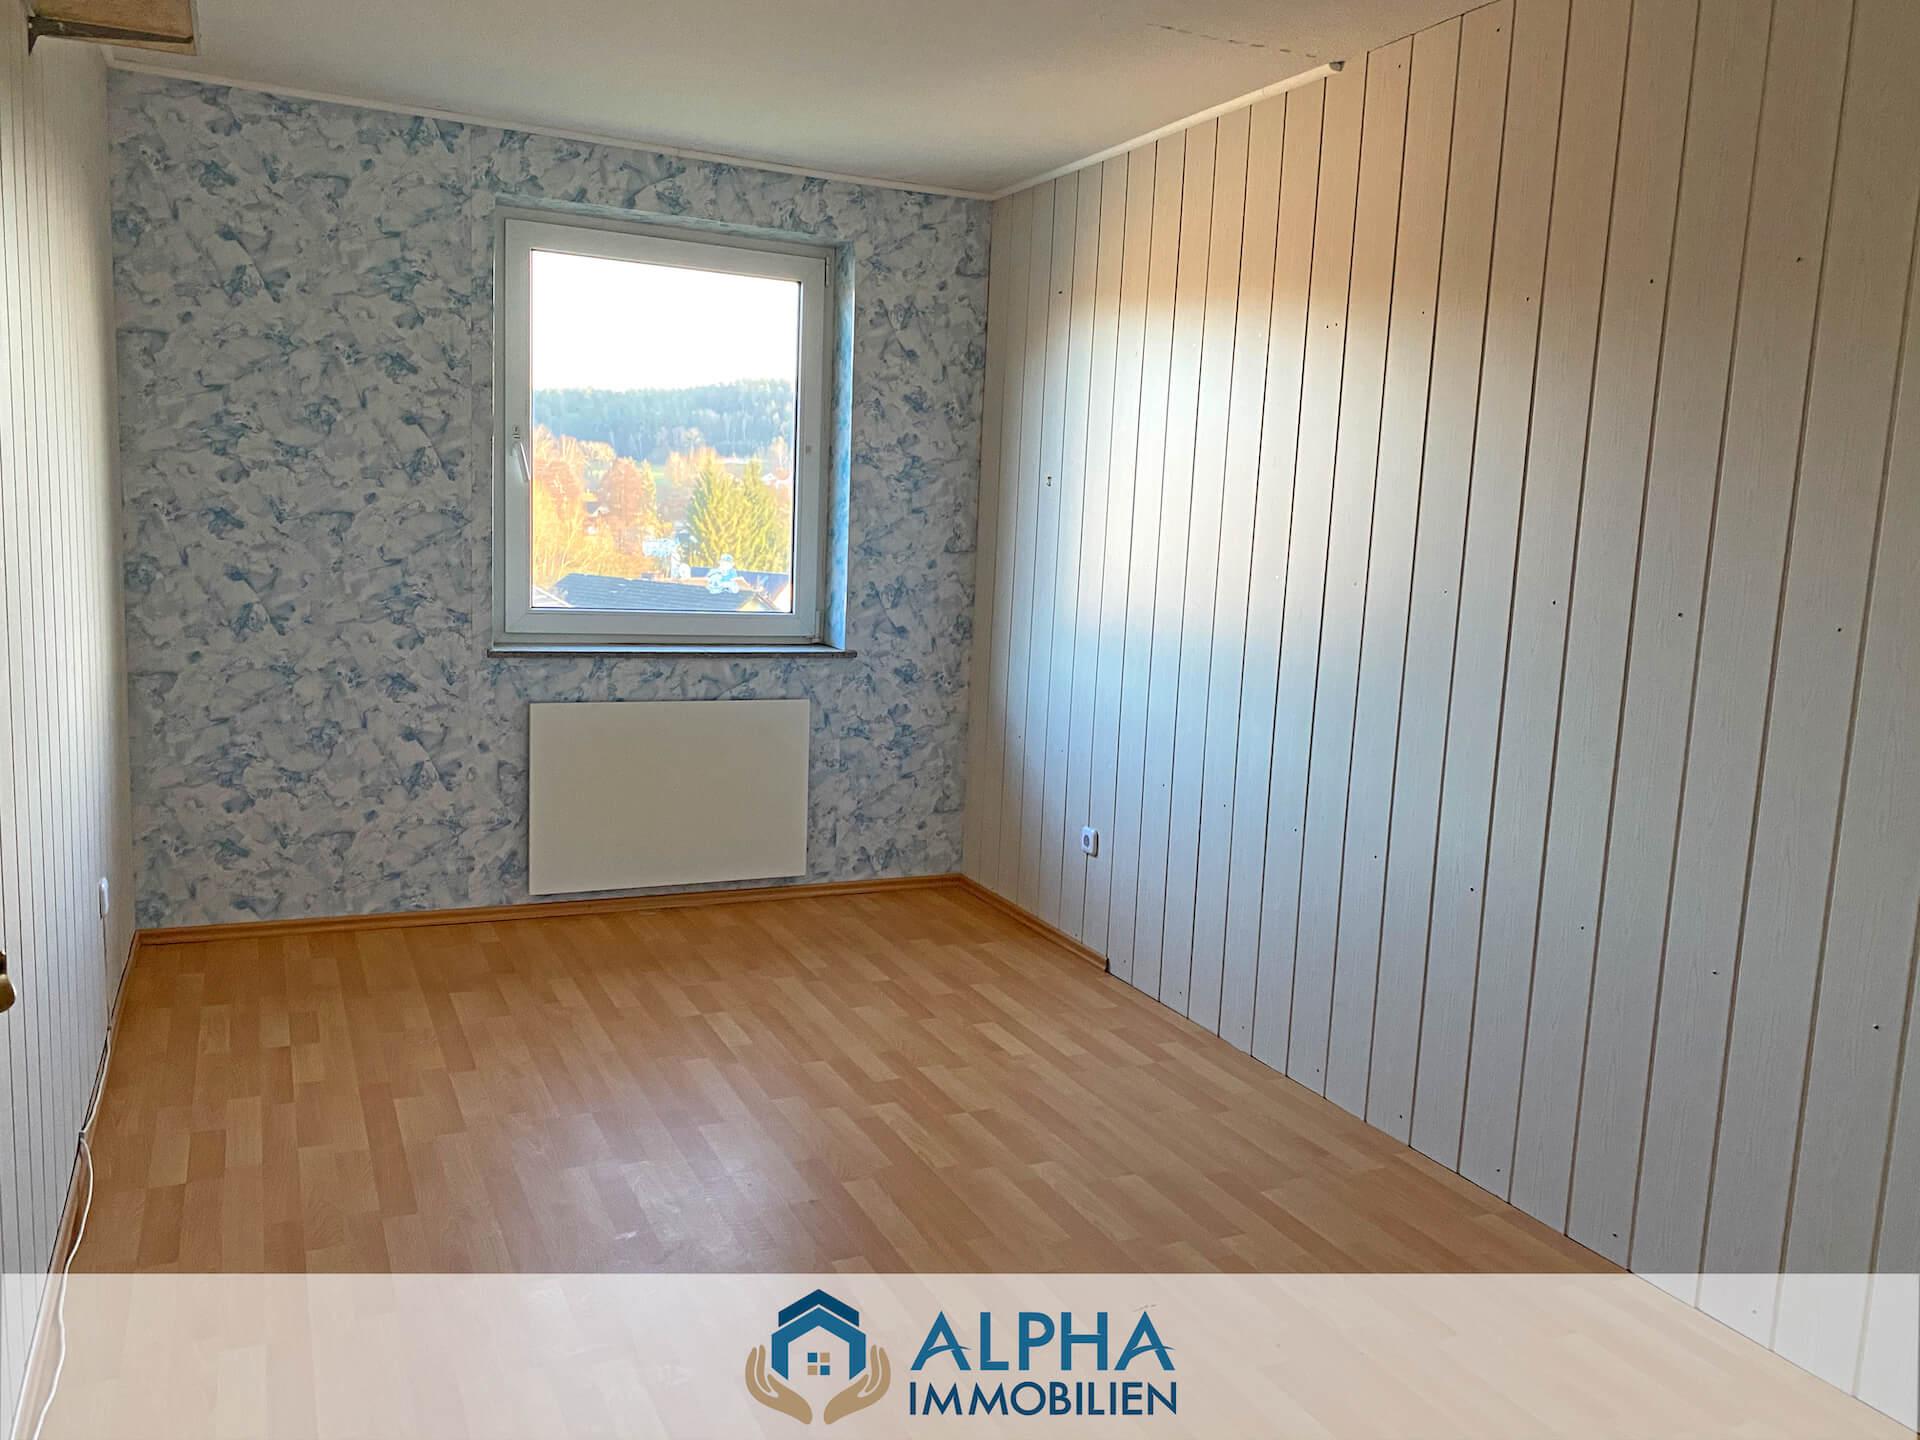 alpha-immobilien-20-8-44